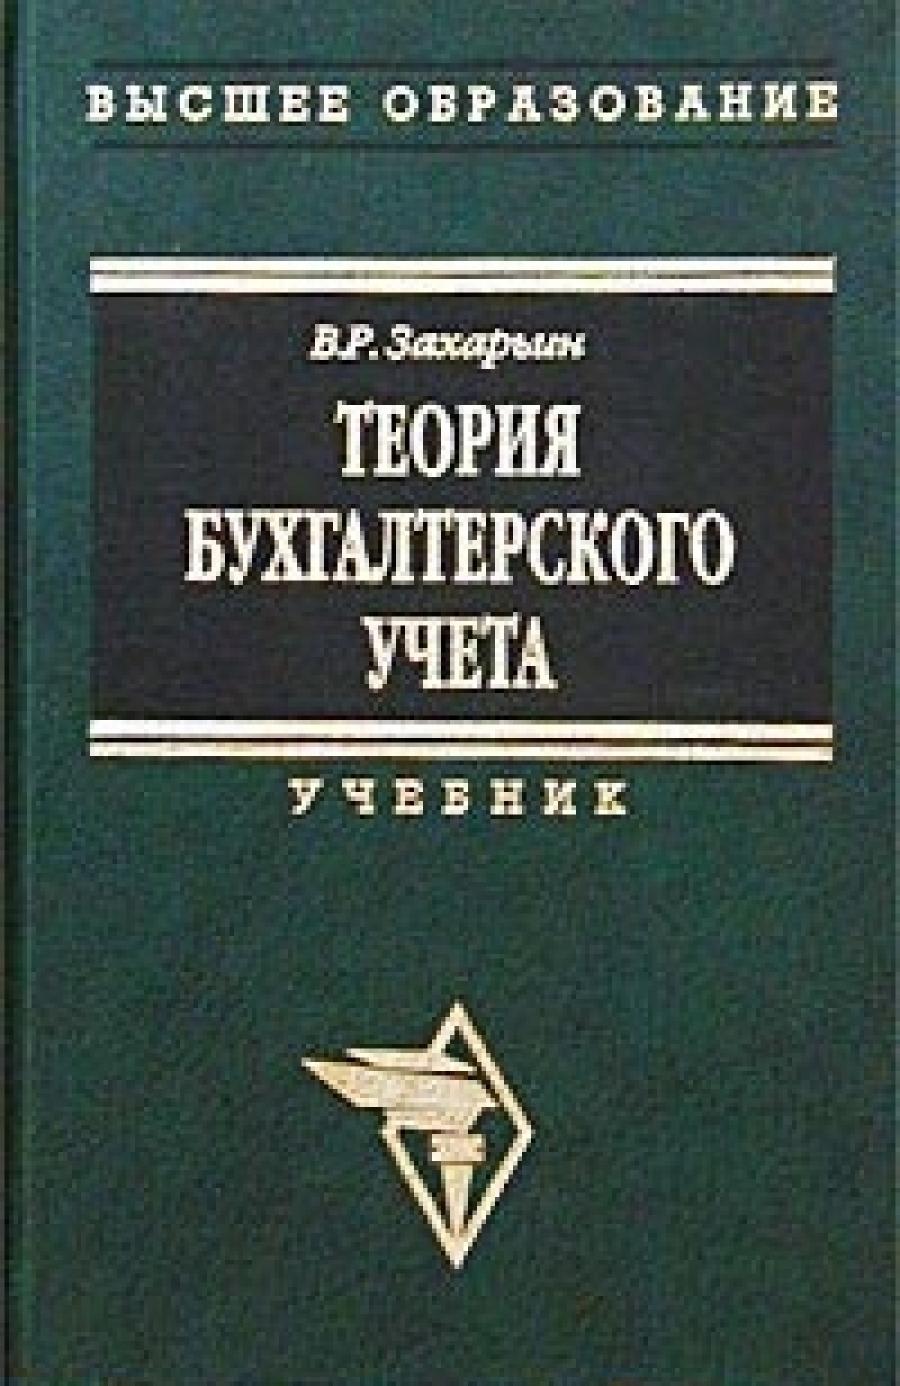 Обложка книги:  в.р. захарьин - теория бухгалтерского учета